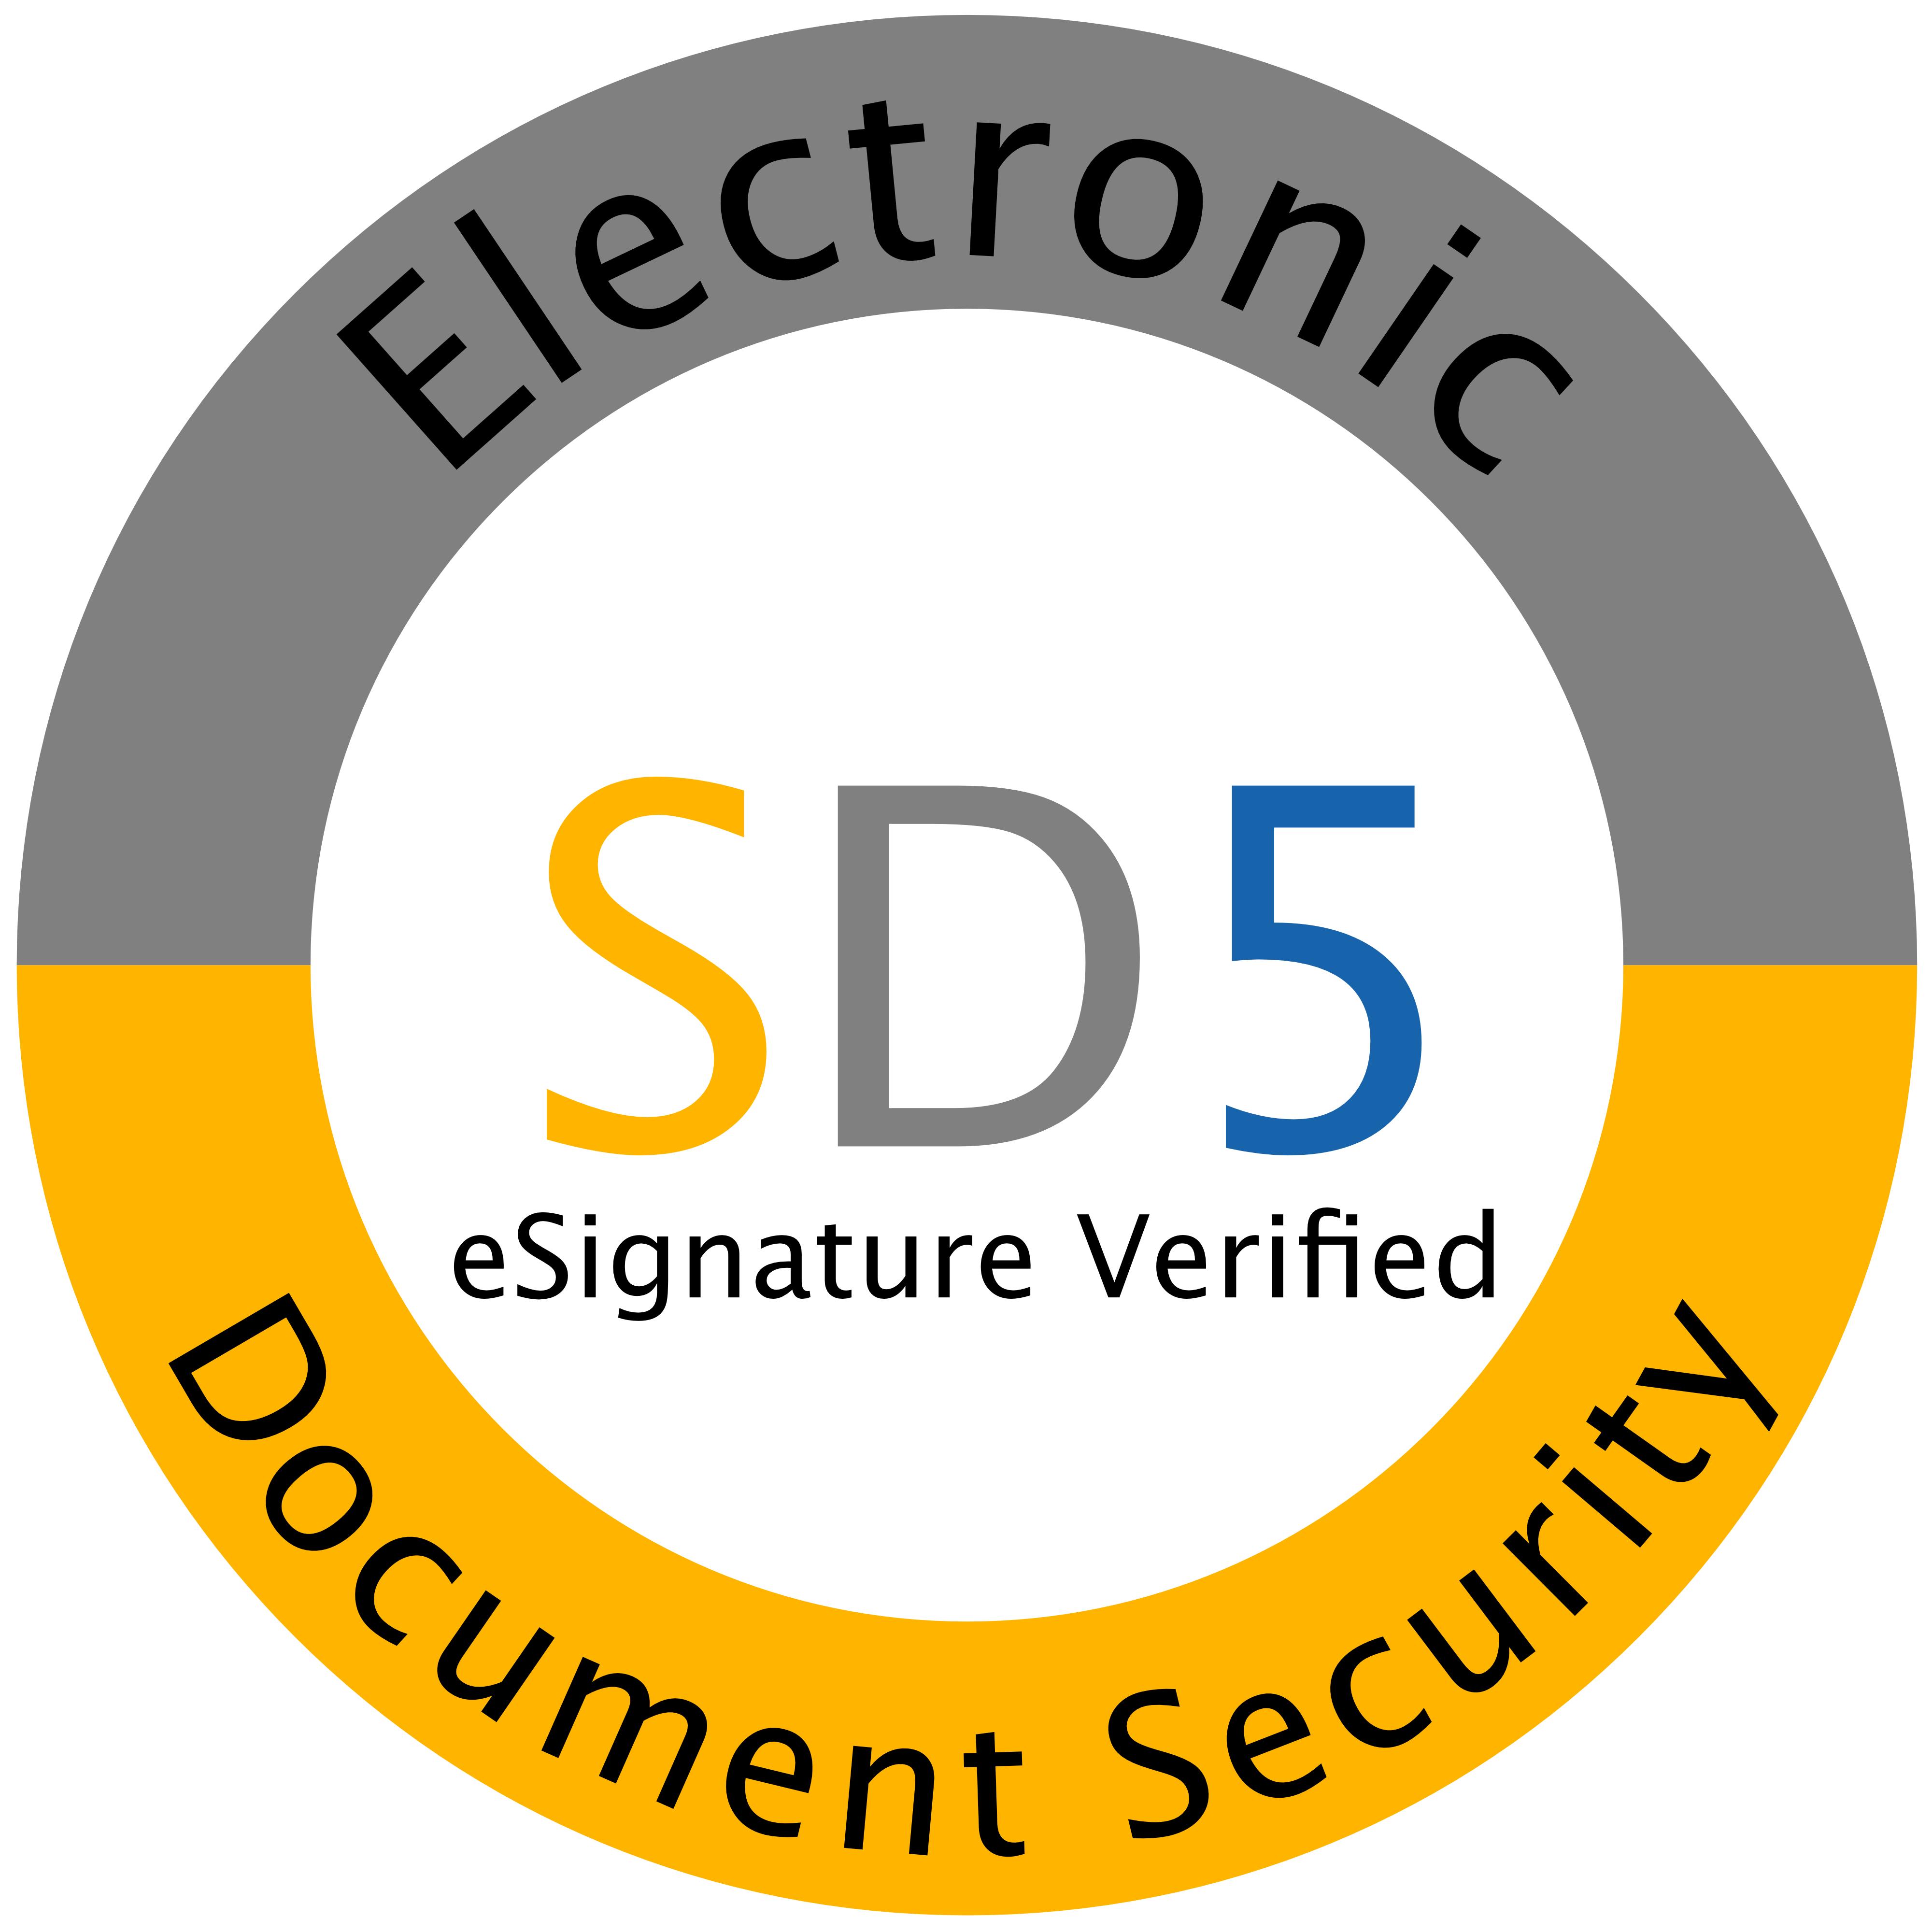 eSignatue for one document